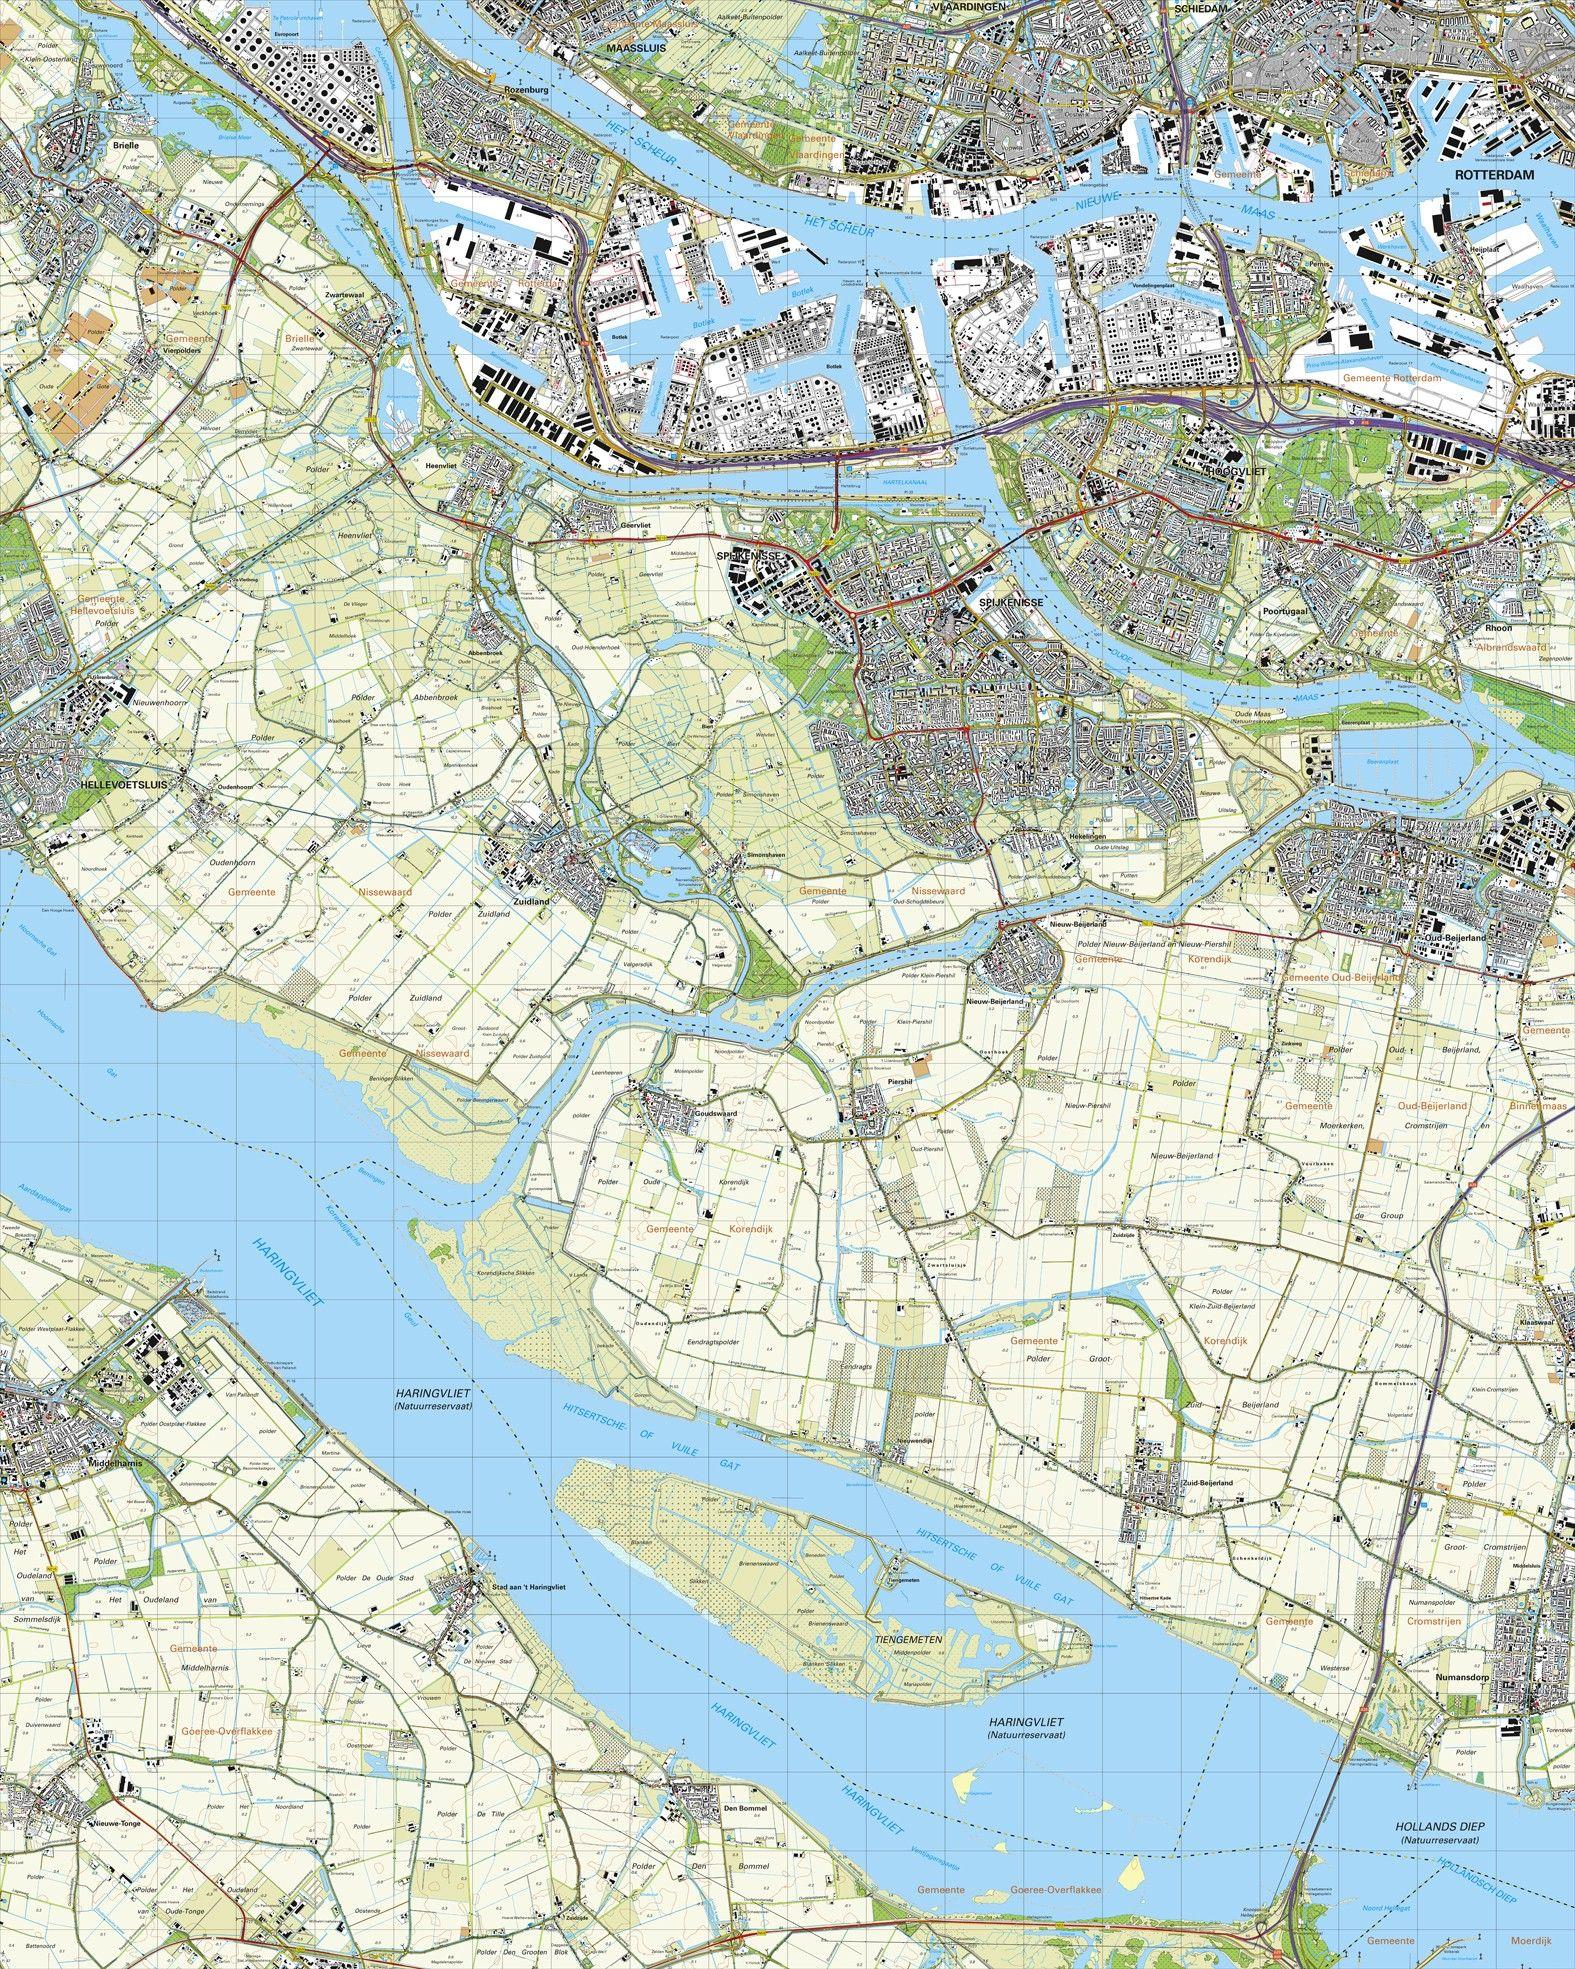 Topografische kaart schaal 1:25.000 (Rotterdam, Hoogvliet, Spijkenisse, Oud-Beijerland, Numansdorp)